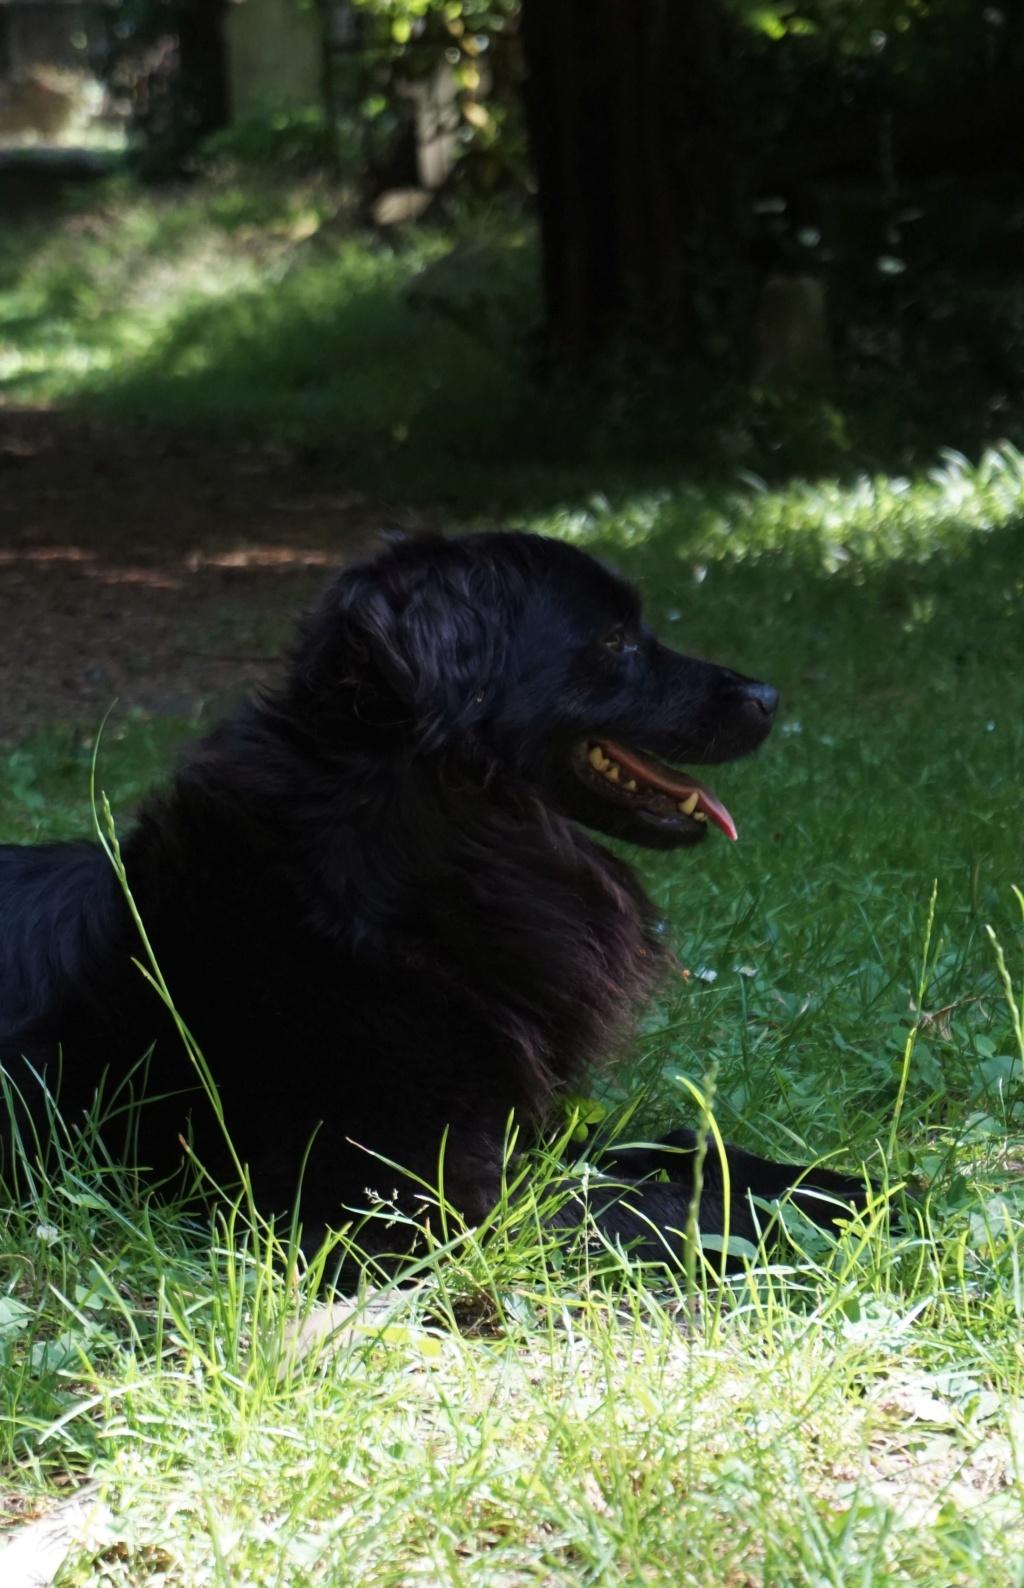 DANA (ex Baya) épagneul ratier noire femelle 2 ans  de Béthune - Asso La Patte de l'Espoir (61) Dsc07117